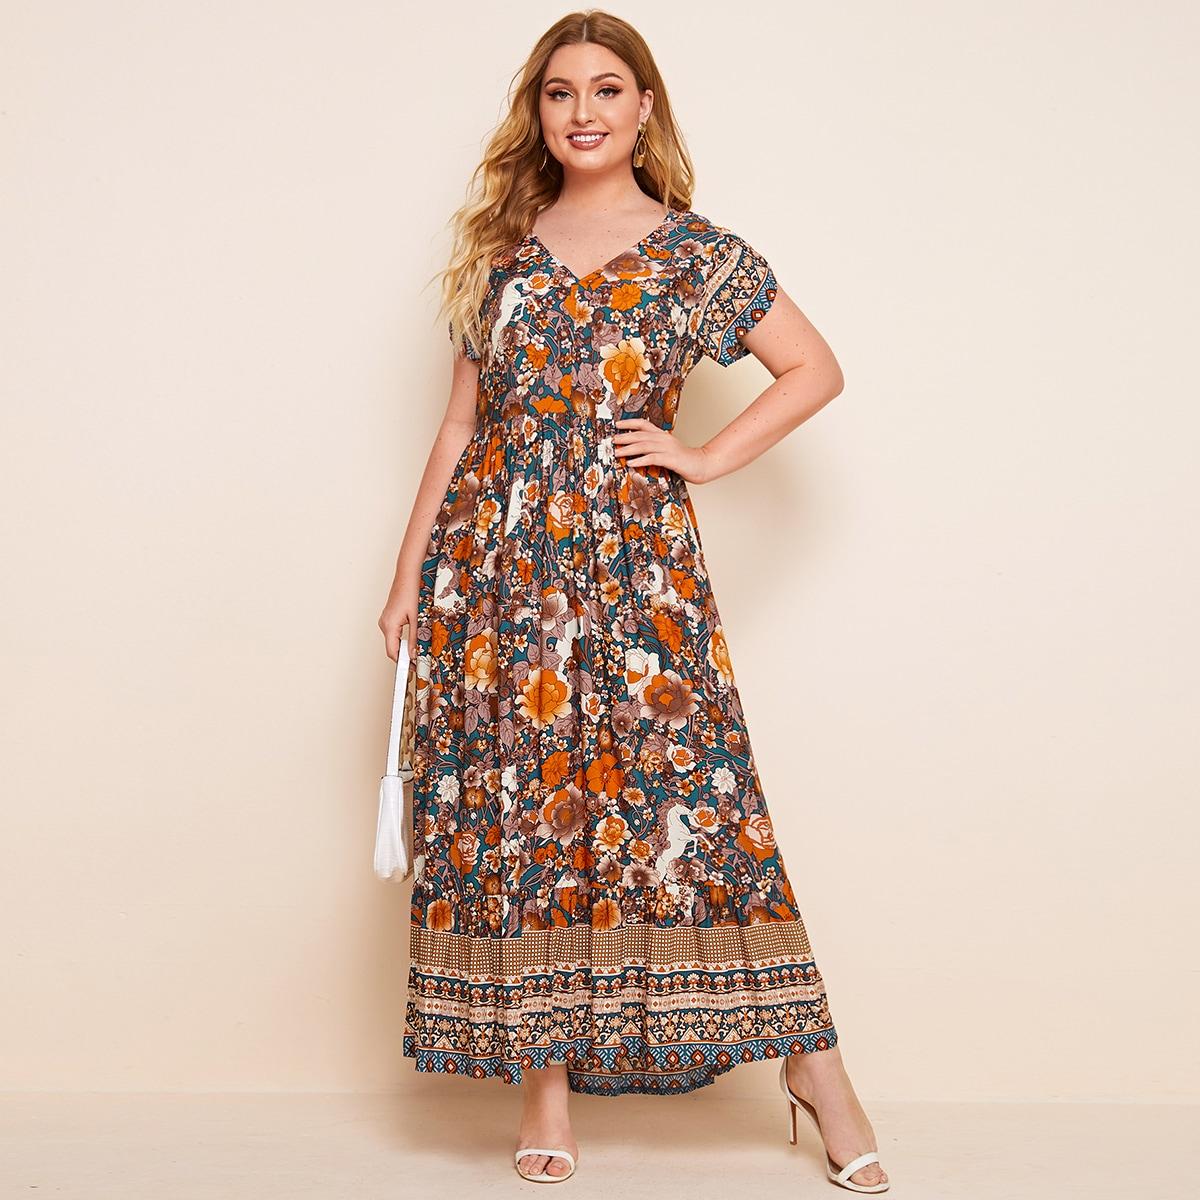 Макси платье размера плюс с оригинальным принтом